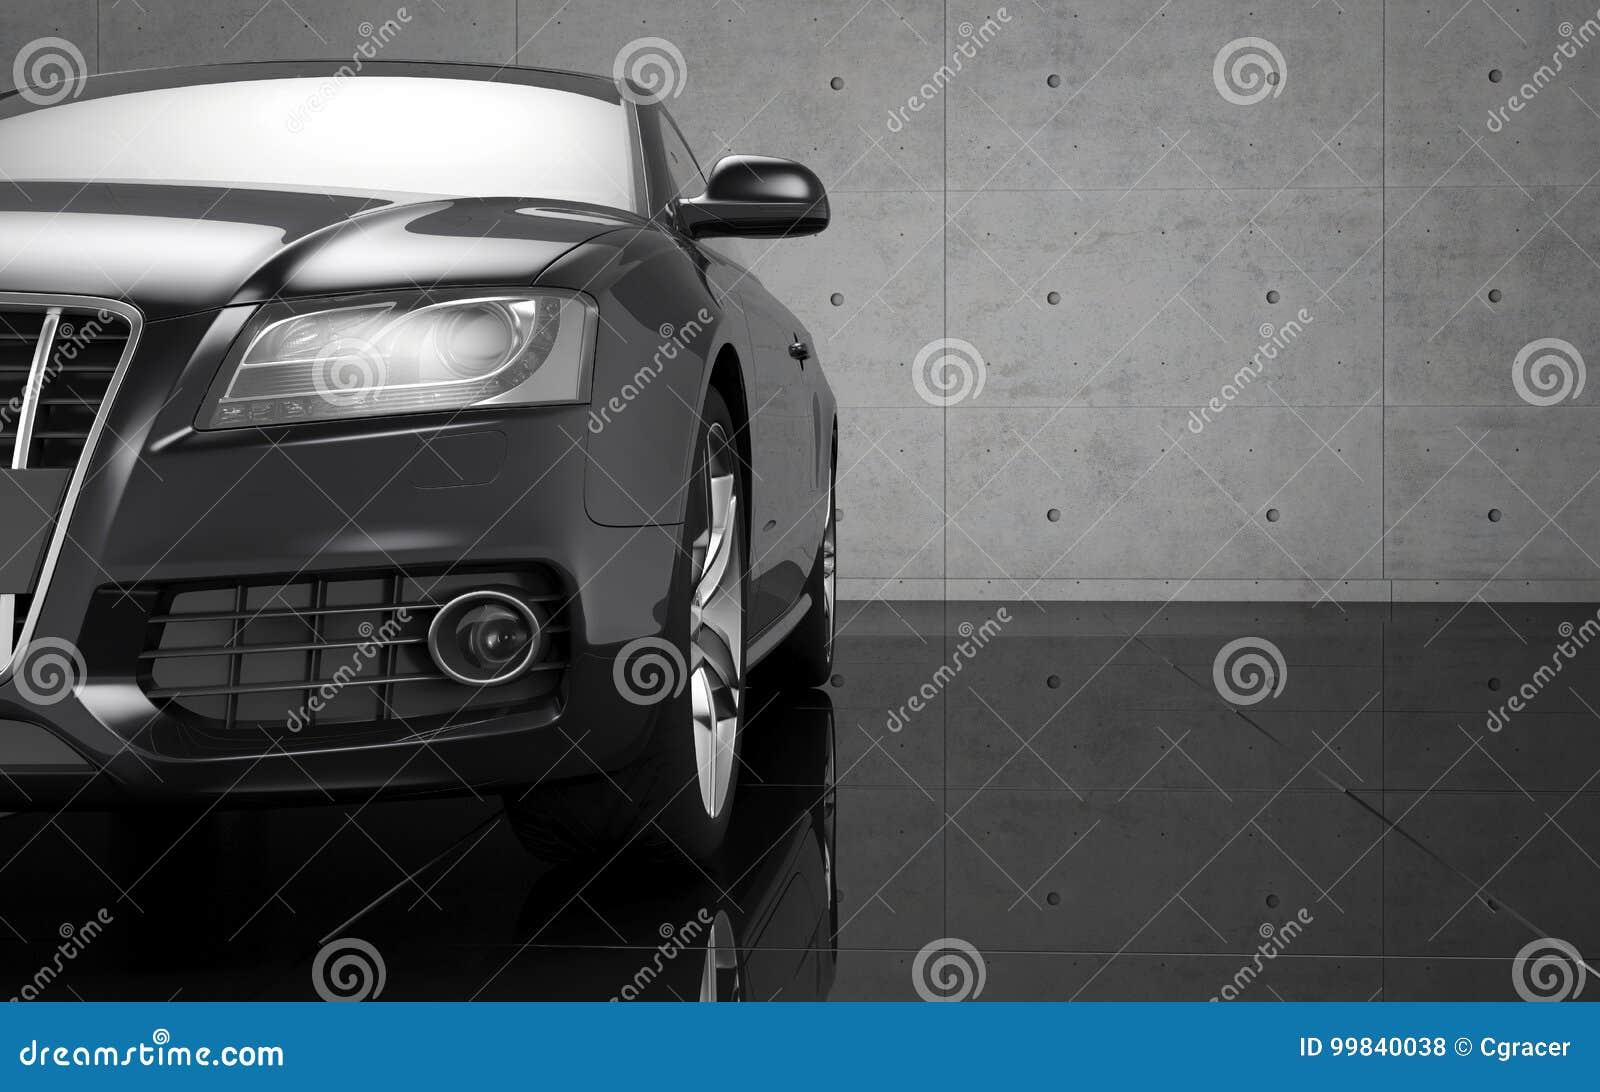 Luxury Car Wallpaper Stock Illustration Illustration Of Wallpaper